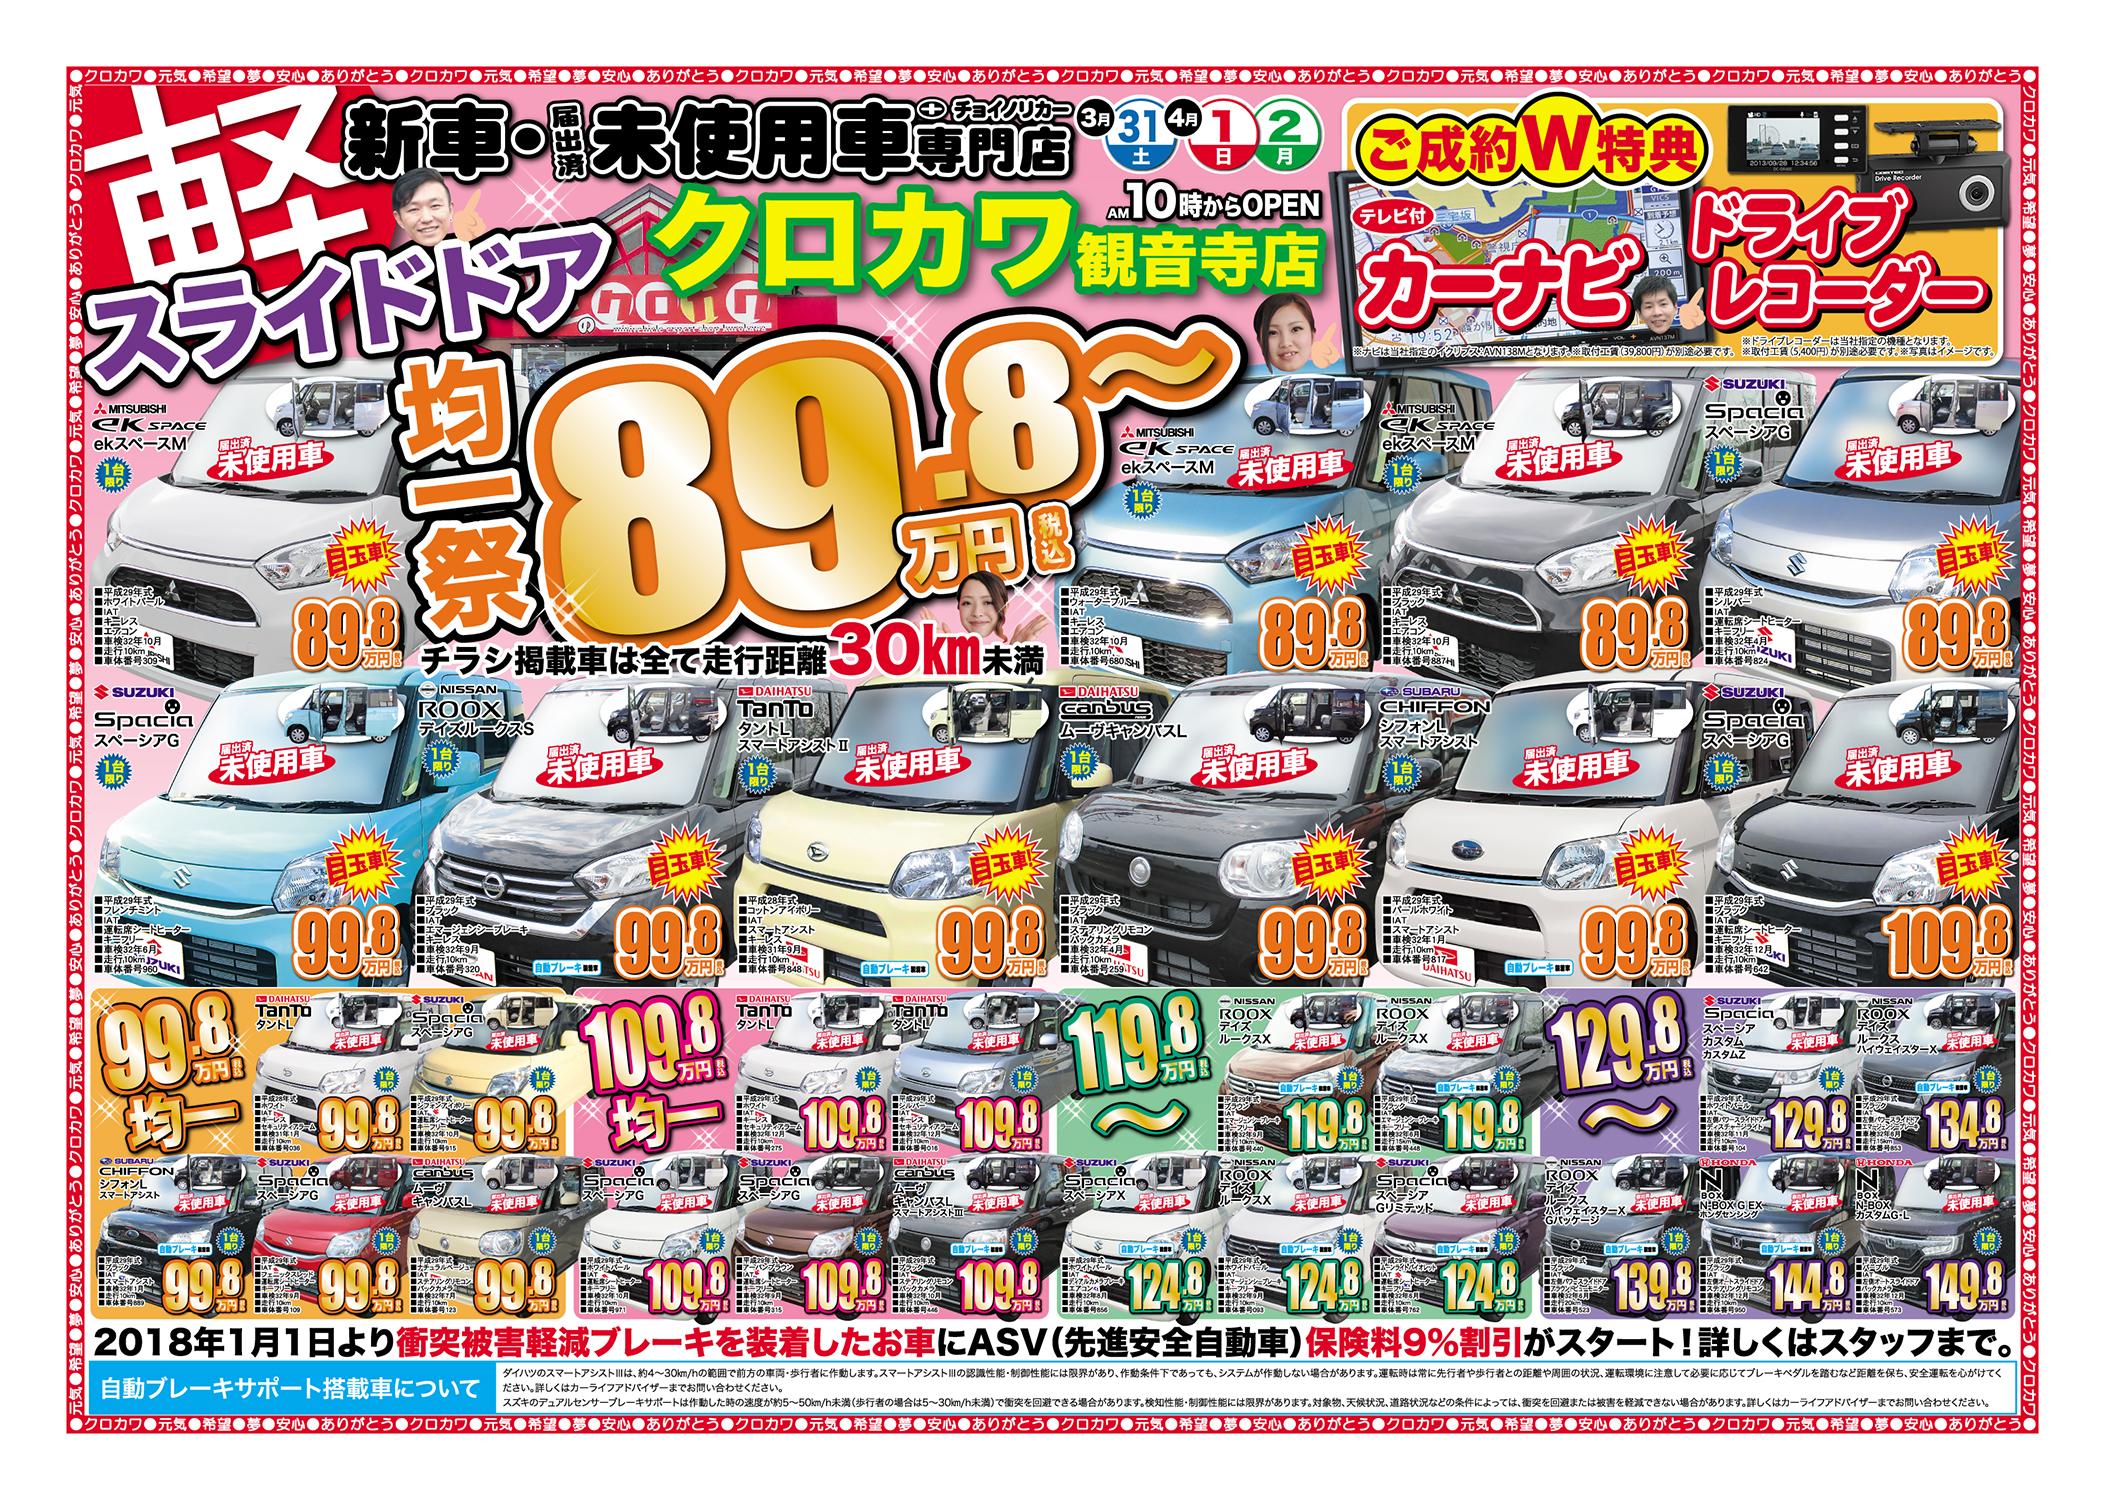 セダン・ワゴン・スライドドア車均一祭!59.8万円〜